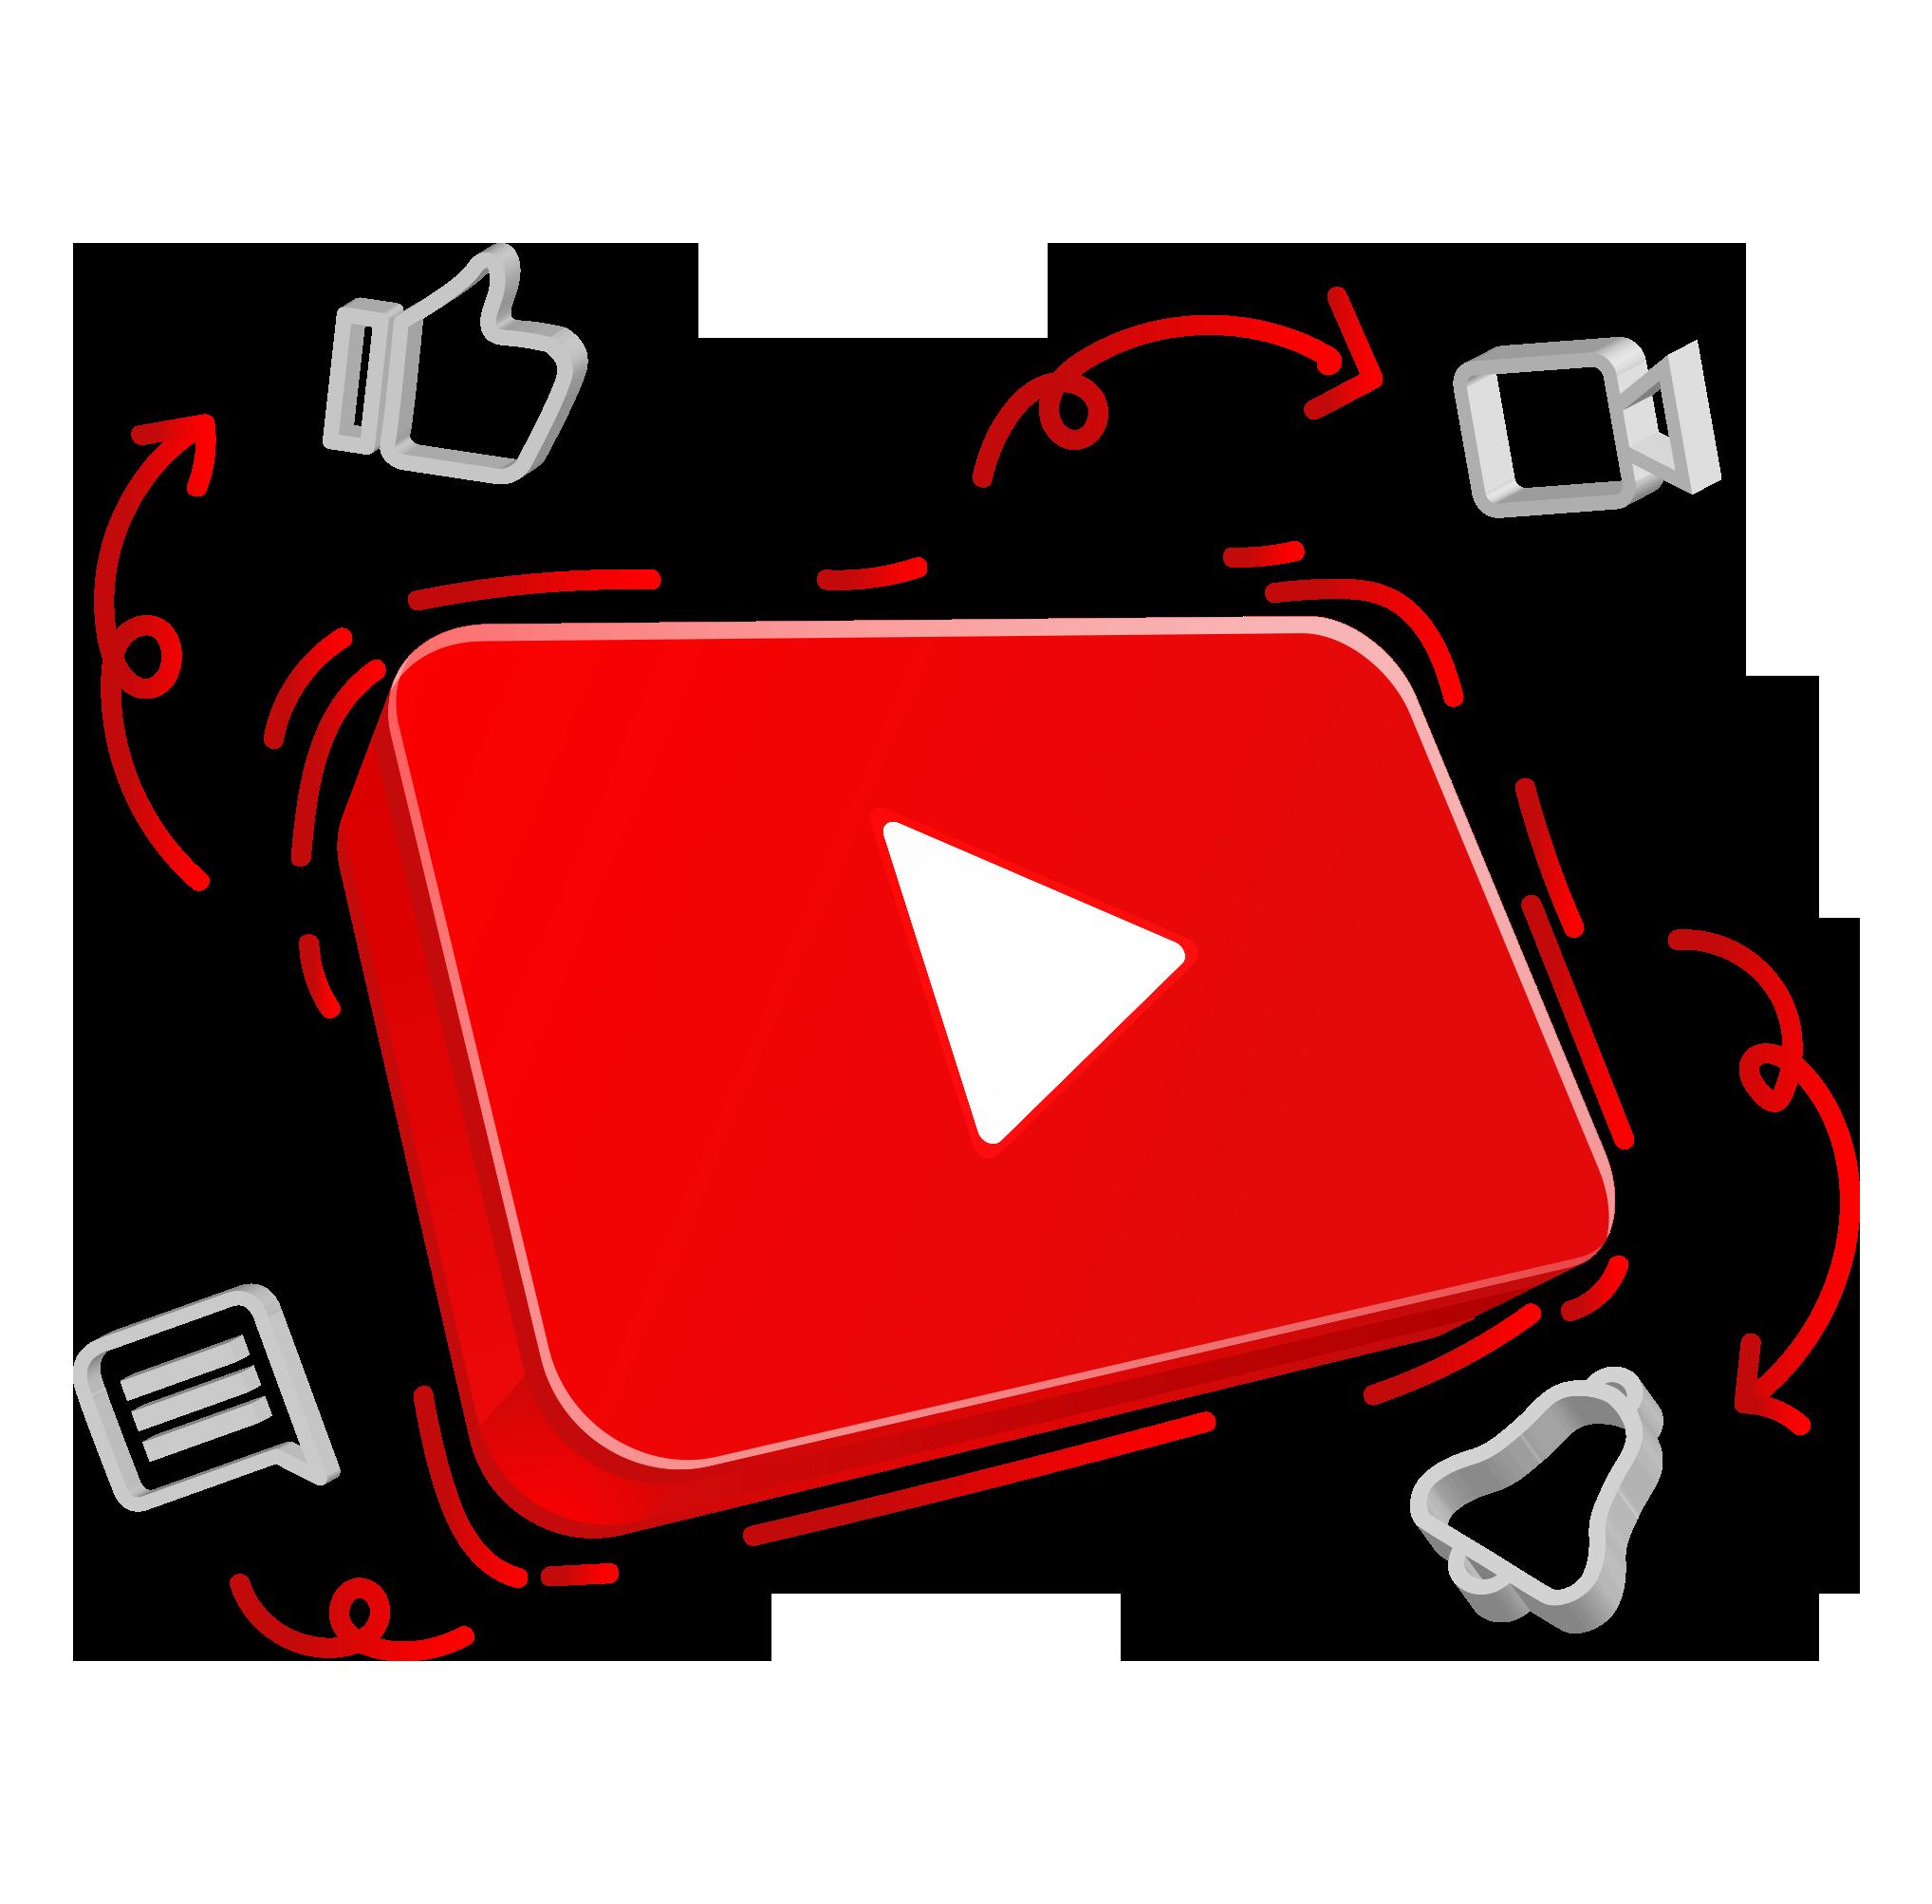 باقات يوتيوب